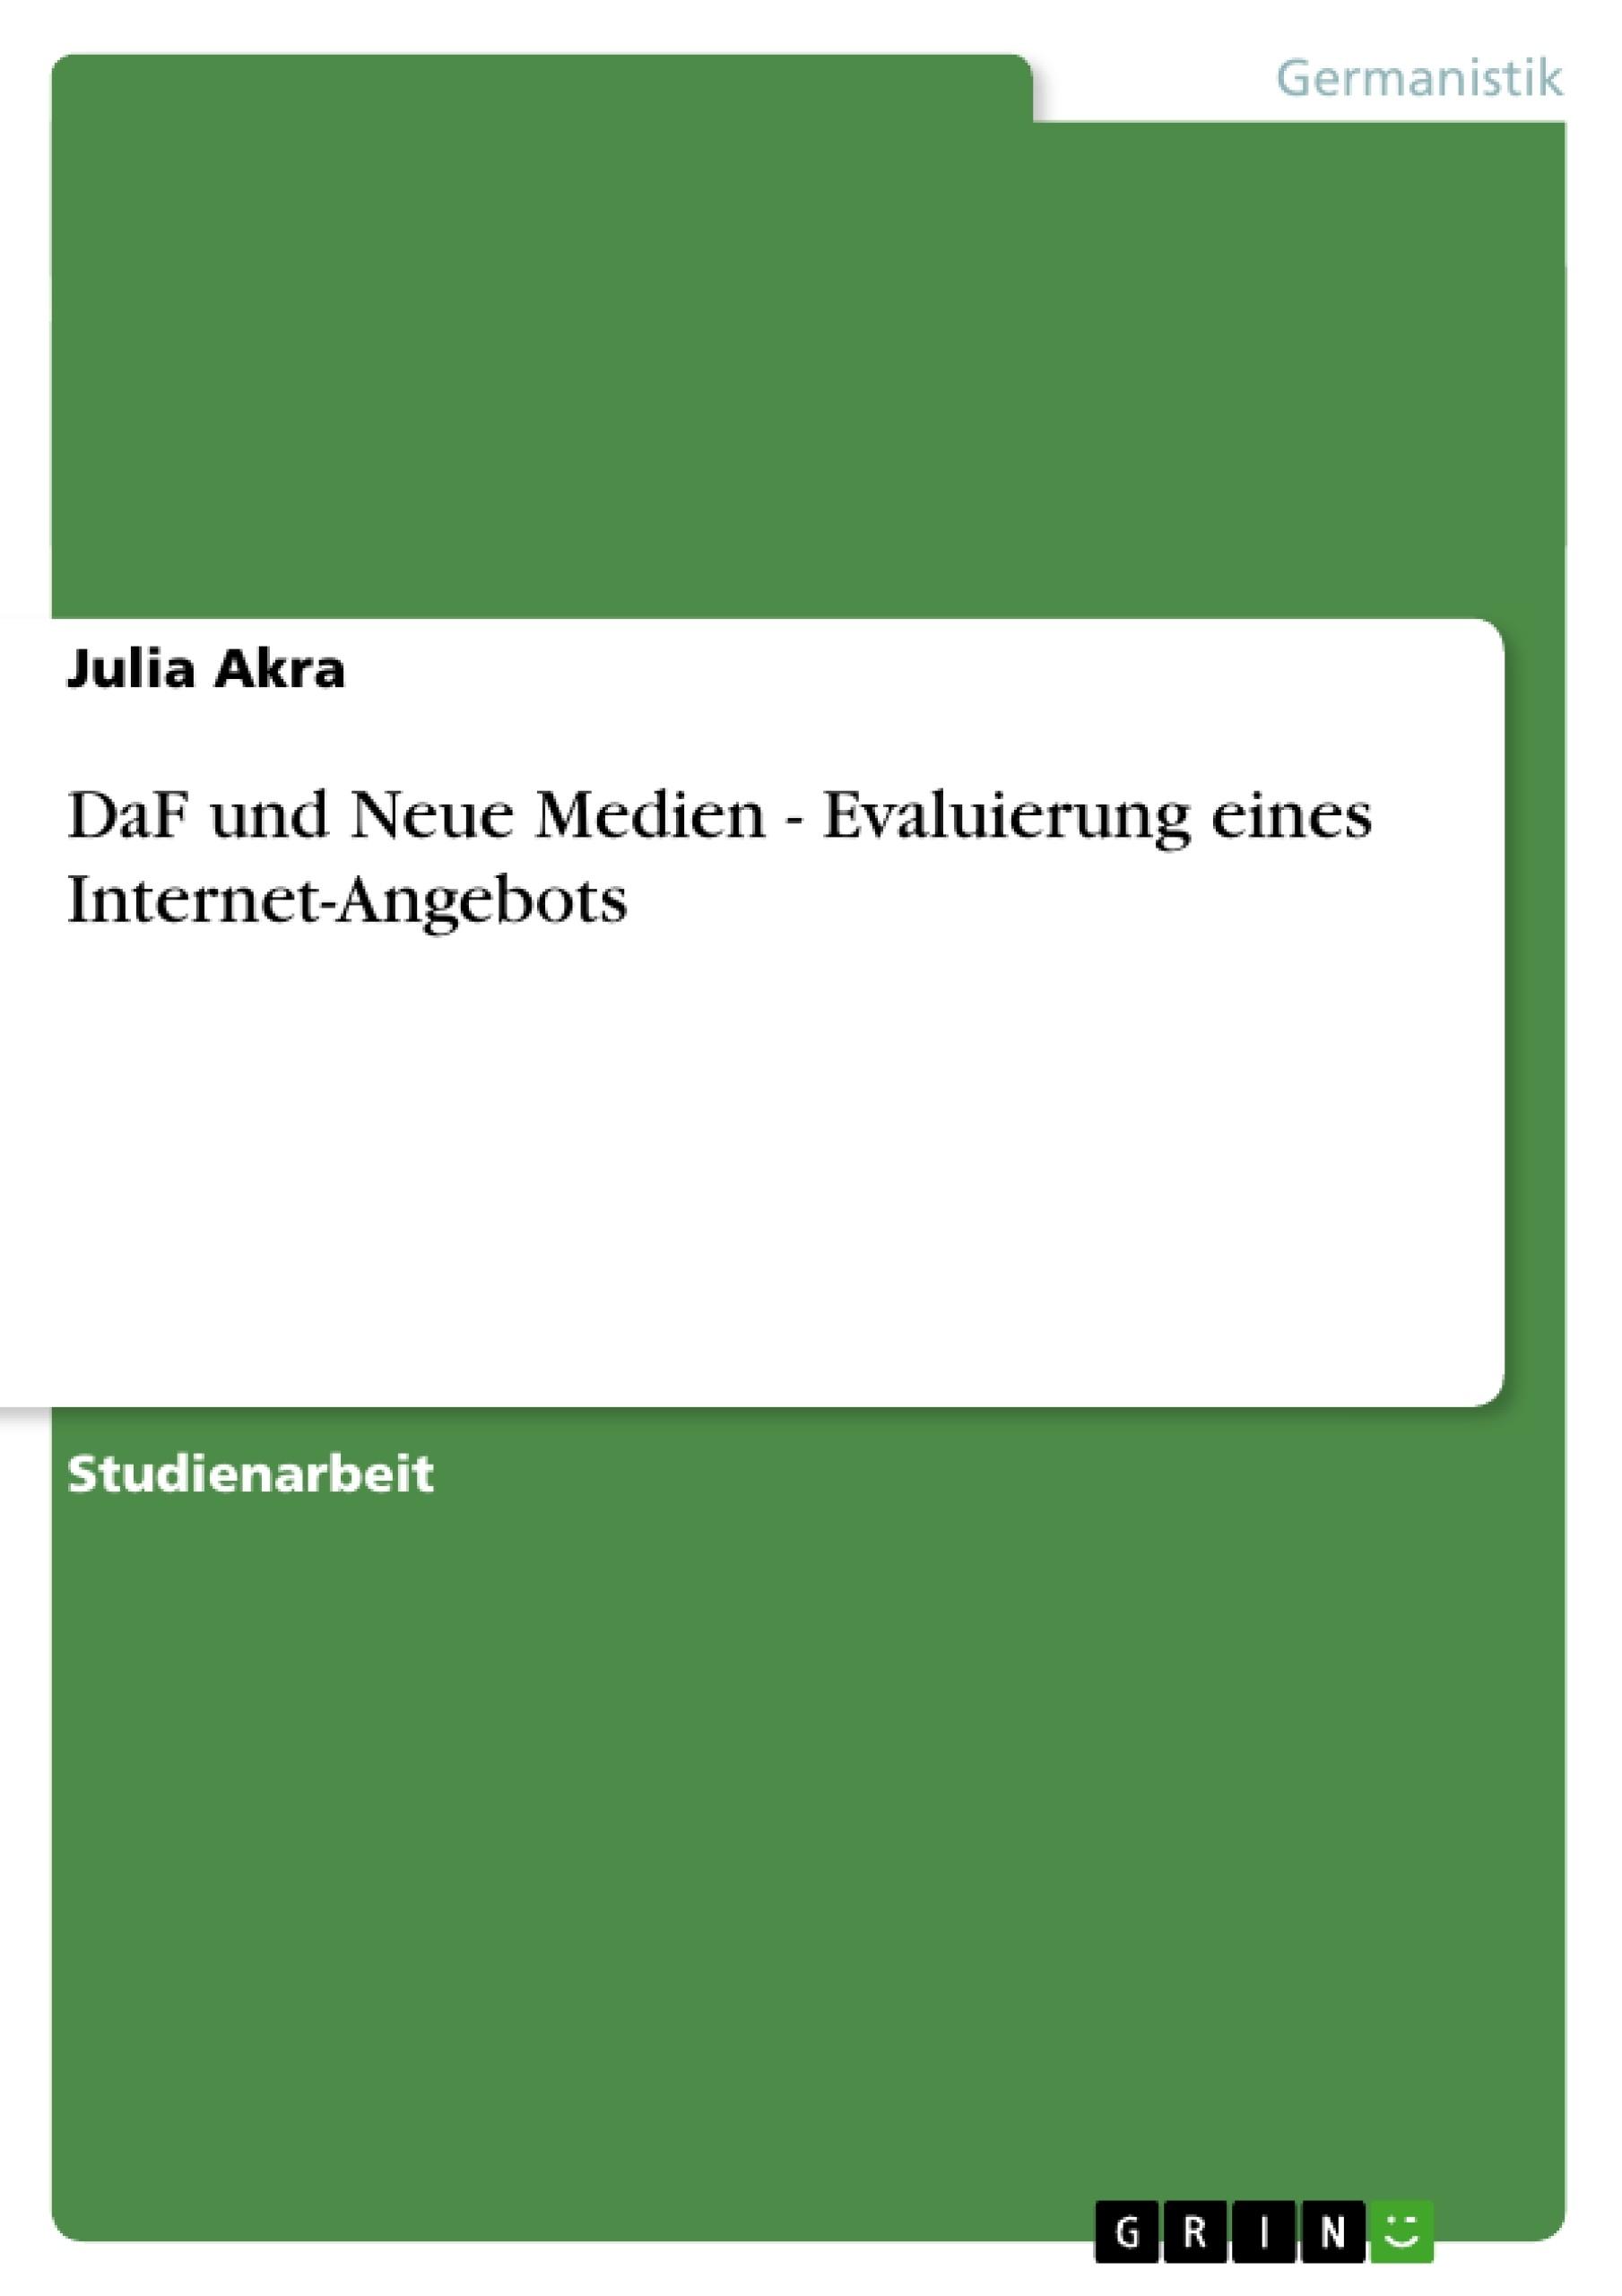 Titel: DaF und Neue Medien -  Evaluierung eines Internet-Angebots